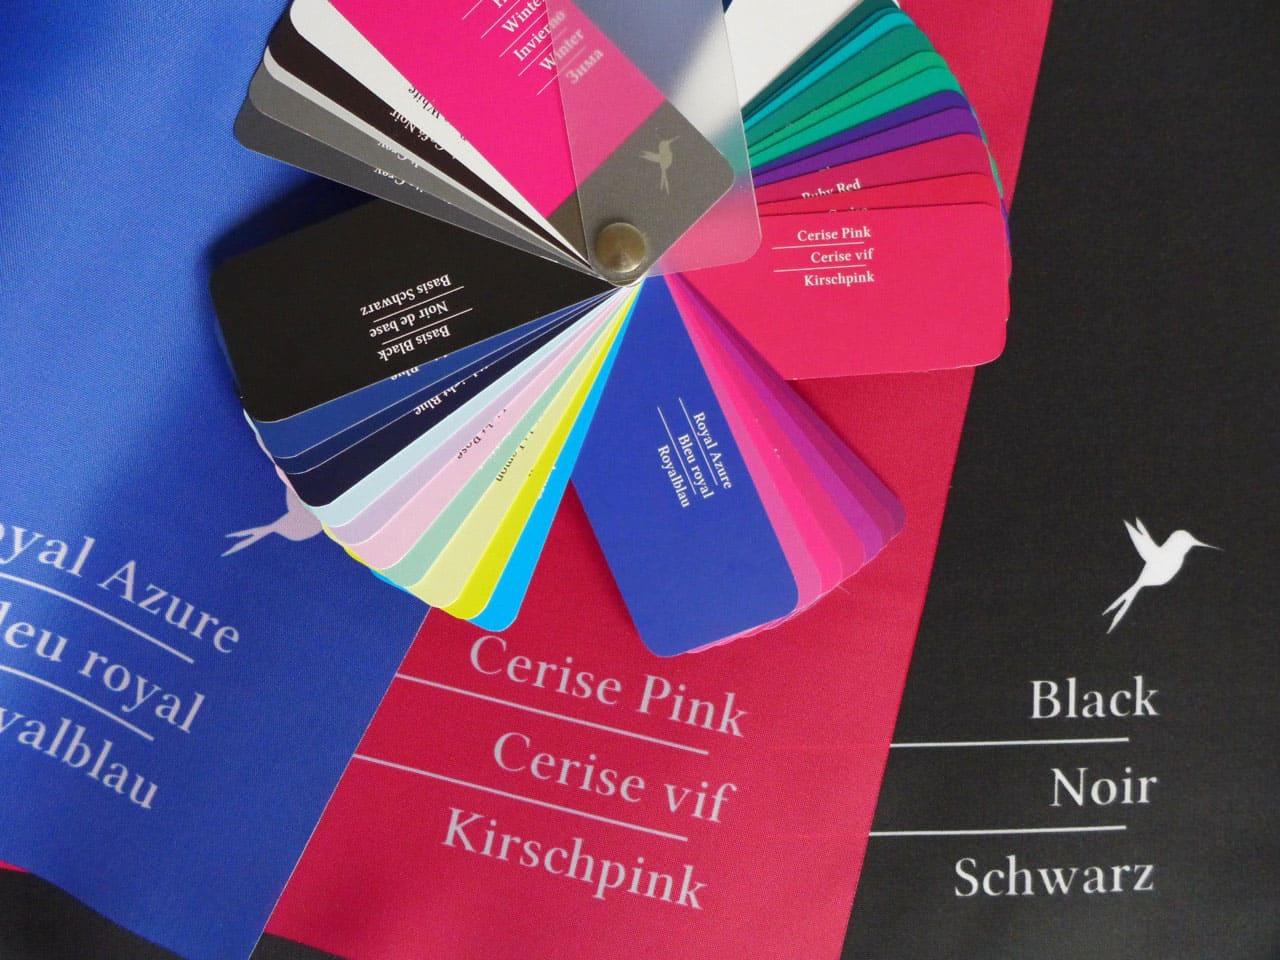 Tuchbeschriftung für Farb- und Stilberatung